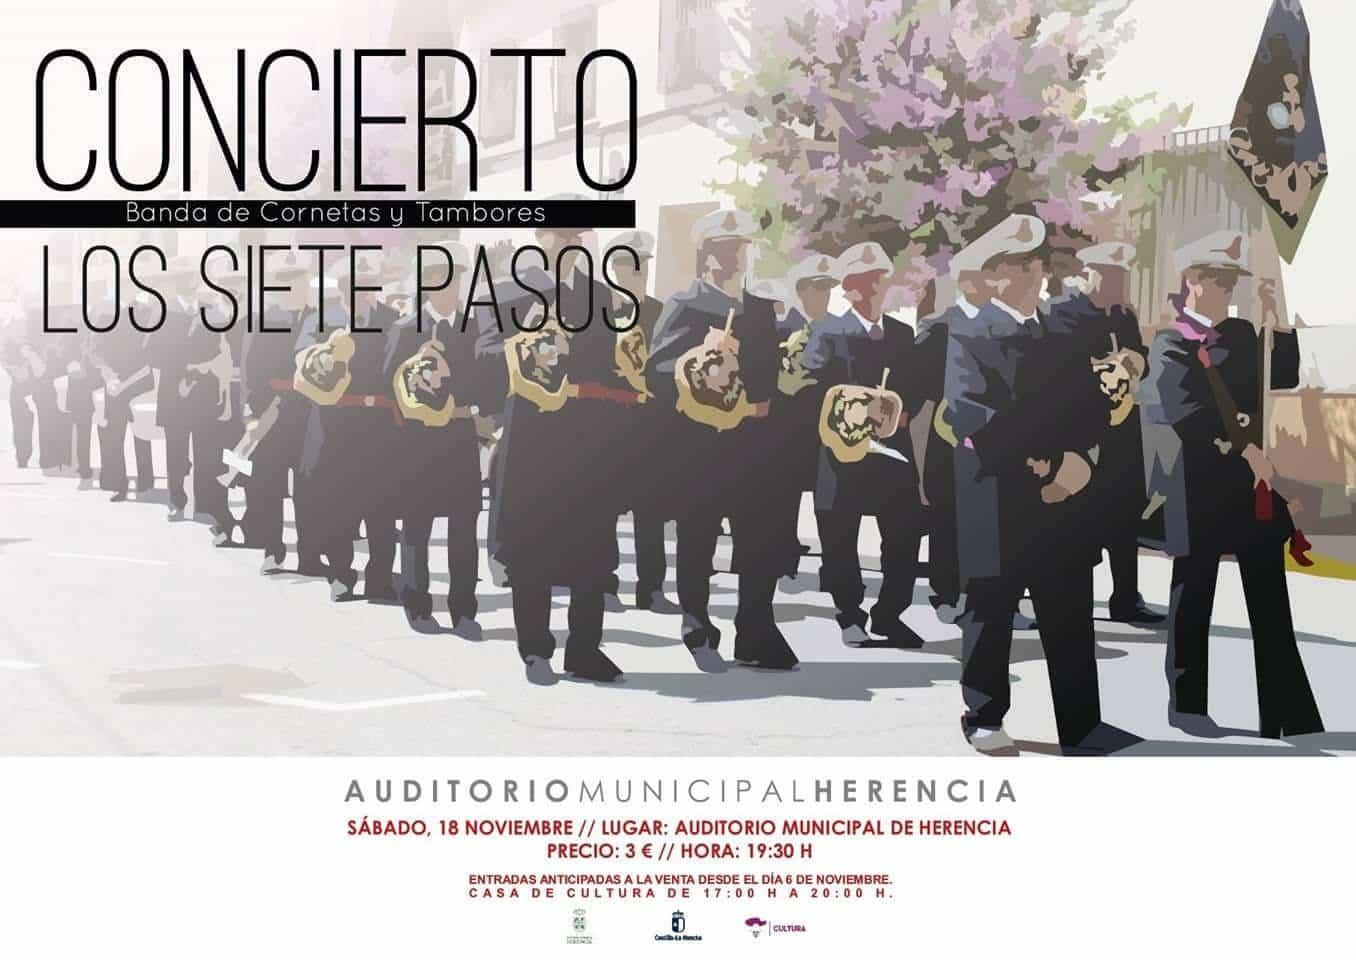 concierto siete pasos herencia - Concierto de la Banda de los Siete Pasos este finde